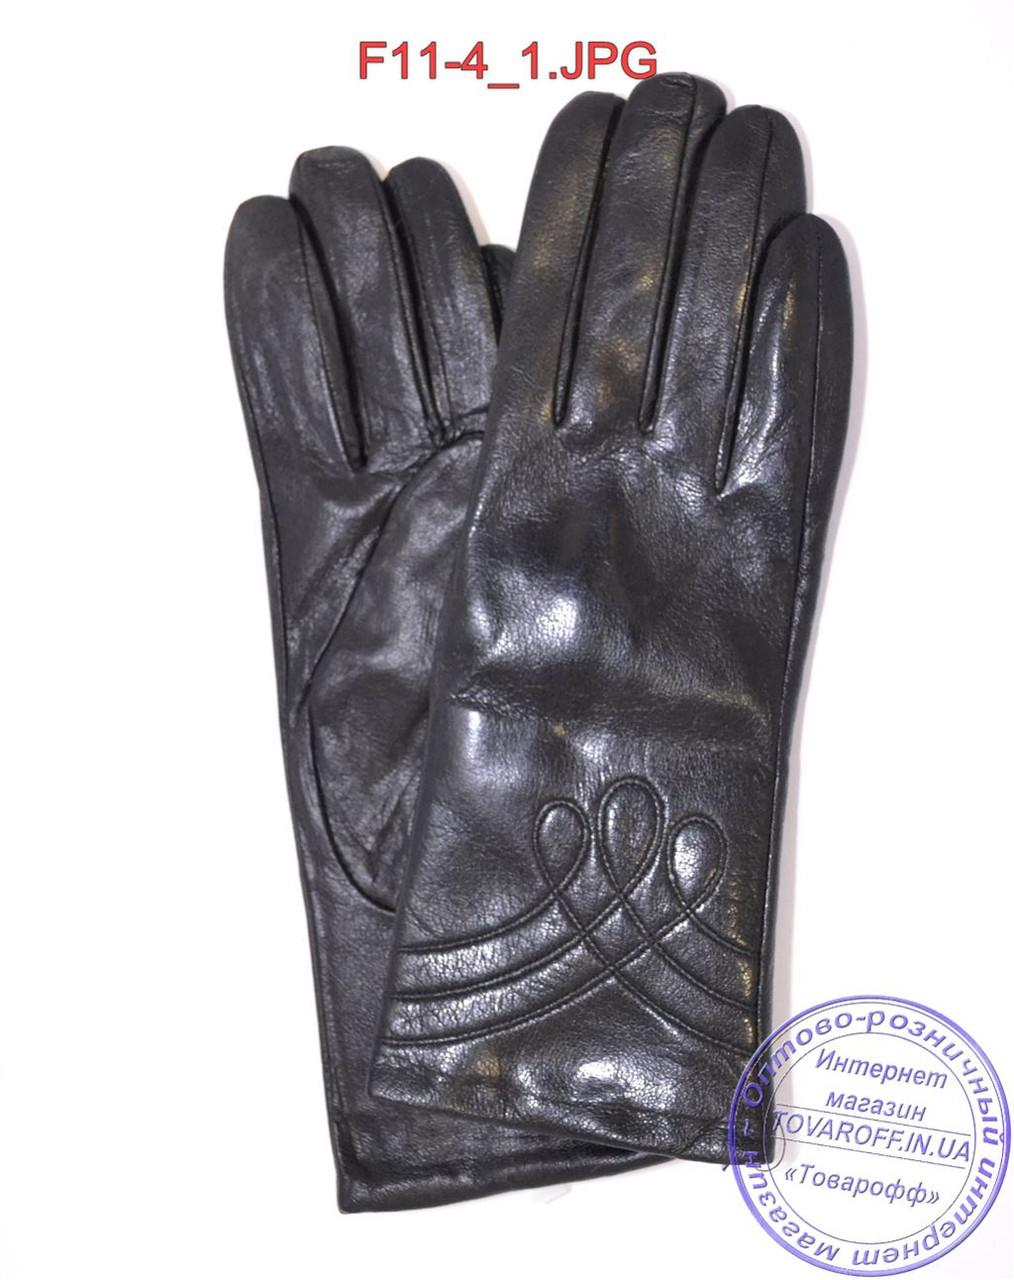 Женские кожаные зимние перчатки на меху кролика (мех искусственный) - F11-4